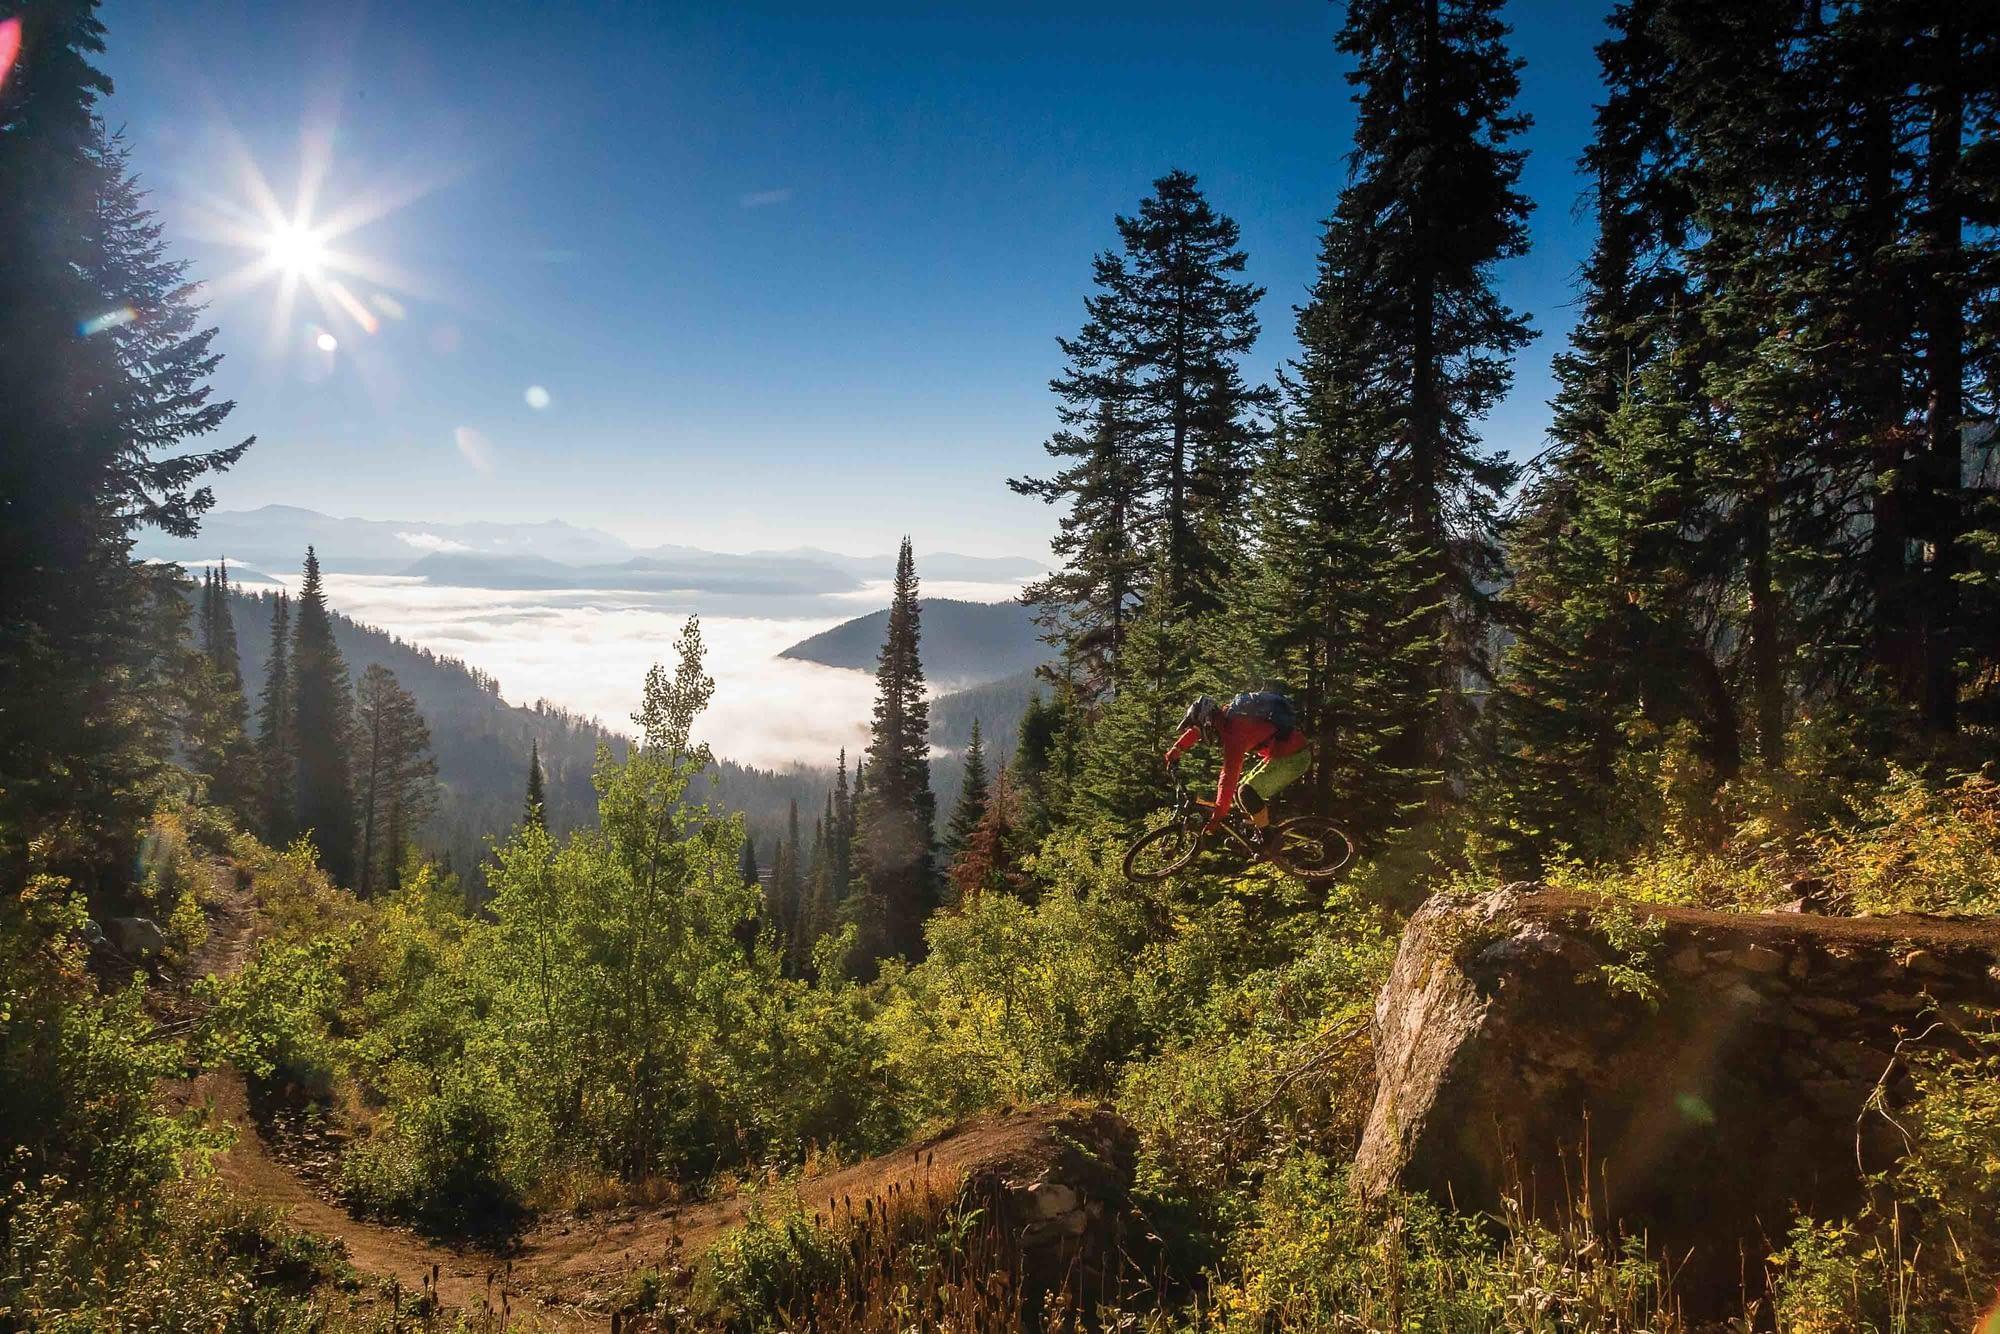 sunrise mountain biking tetons wyoming